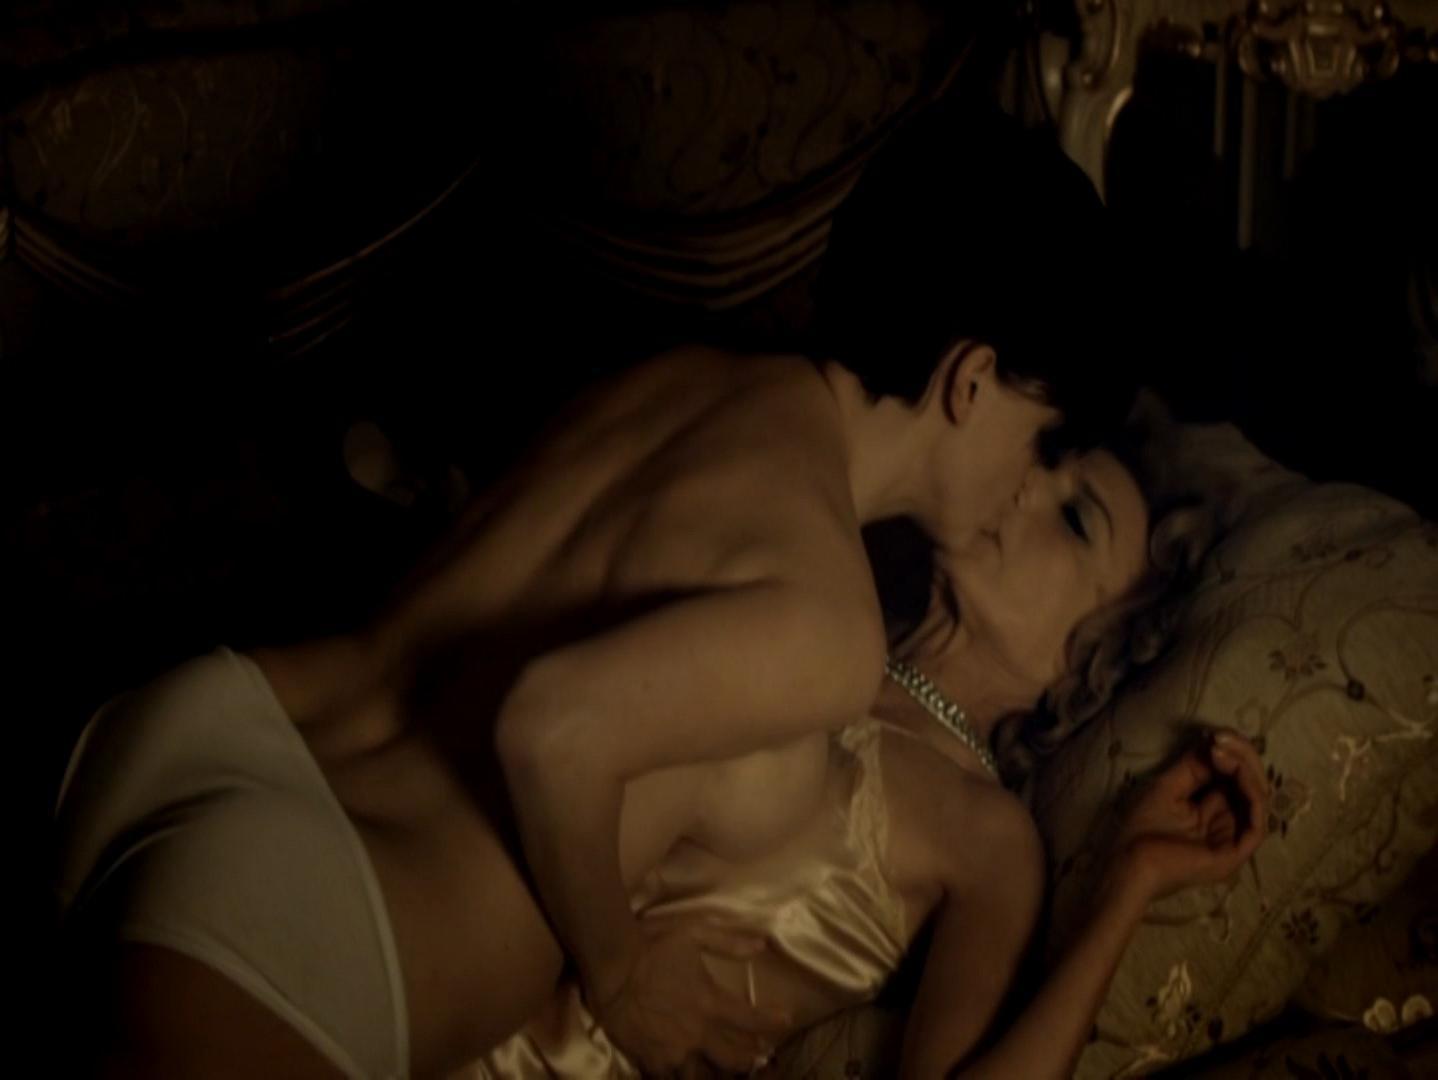 Marisa Paredes nude, Arly Jover nude, Lou Doillon sexy - Gigola (2010)